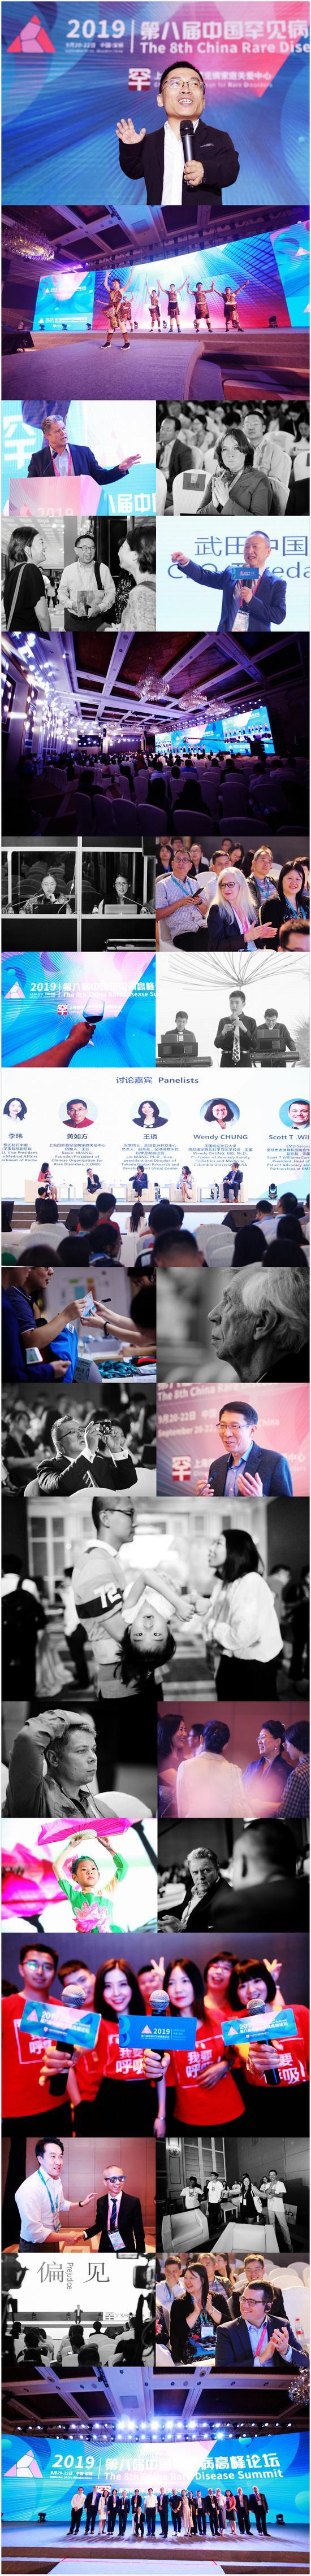 《患者社群组织如何推动药物研发——全球经验》正式发布